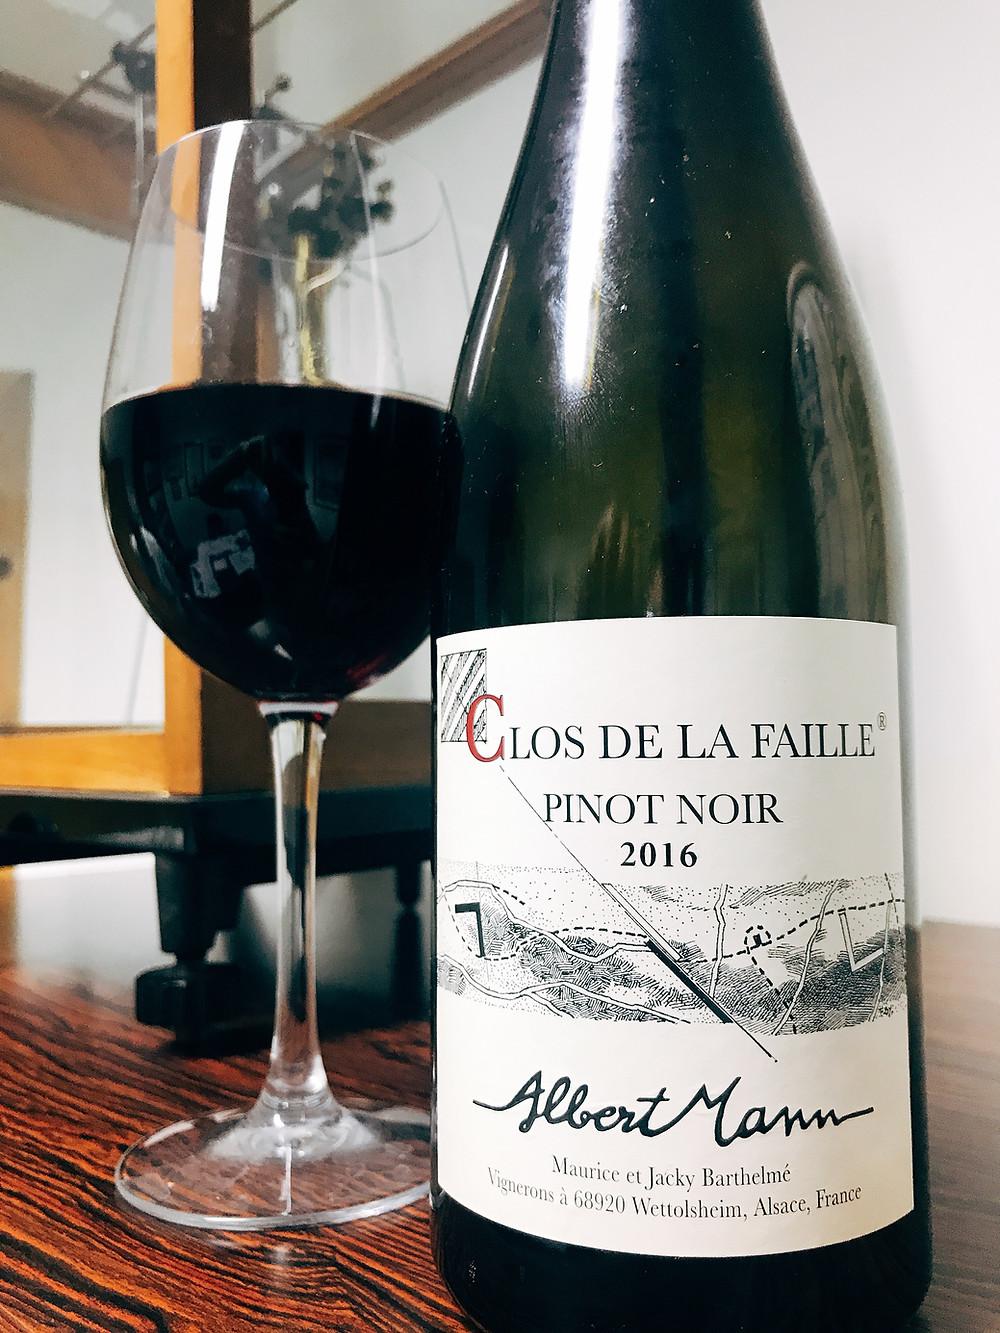 Albert Mann Pinot Noir Clos de la Faille 2016